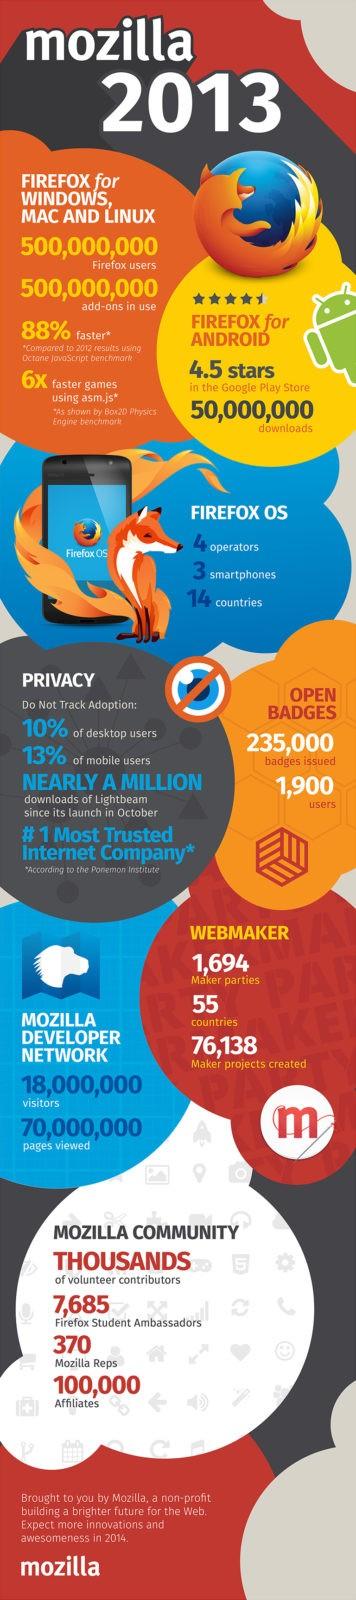 Realizari principale Mozilla in anul 2013